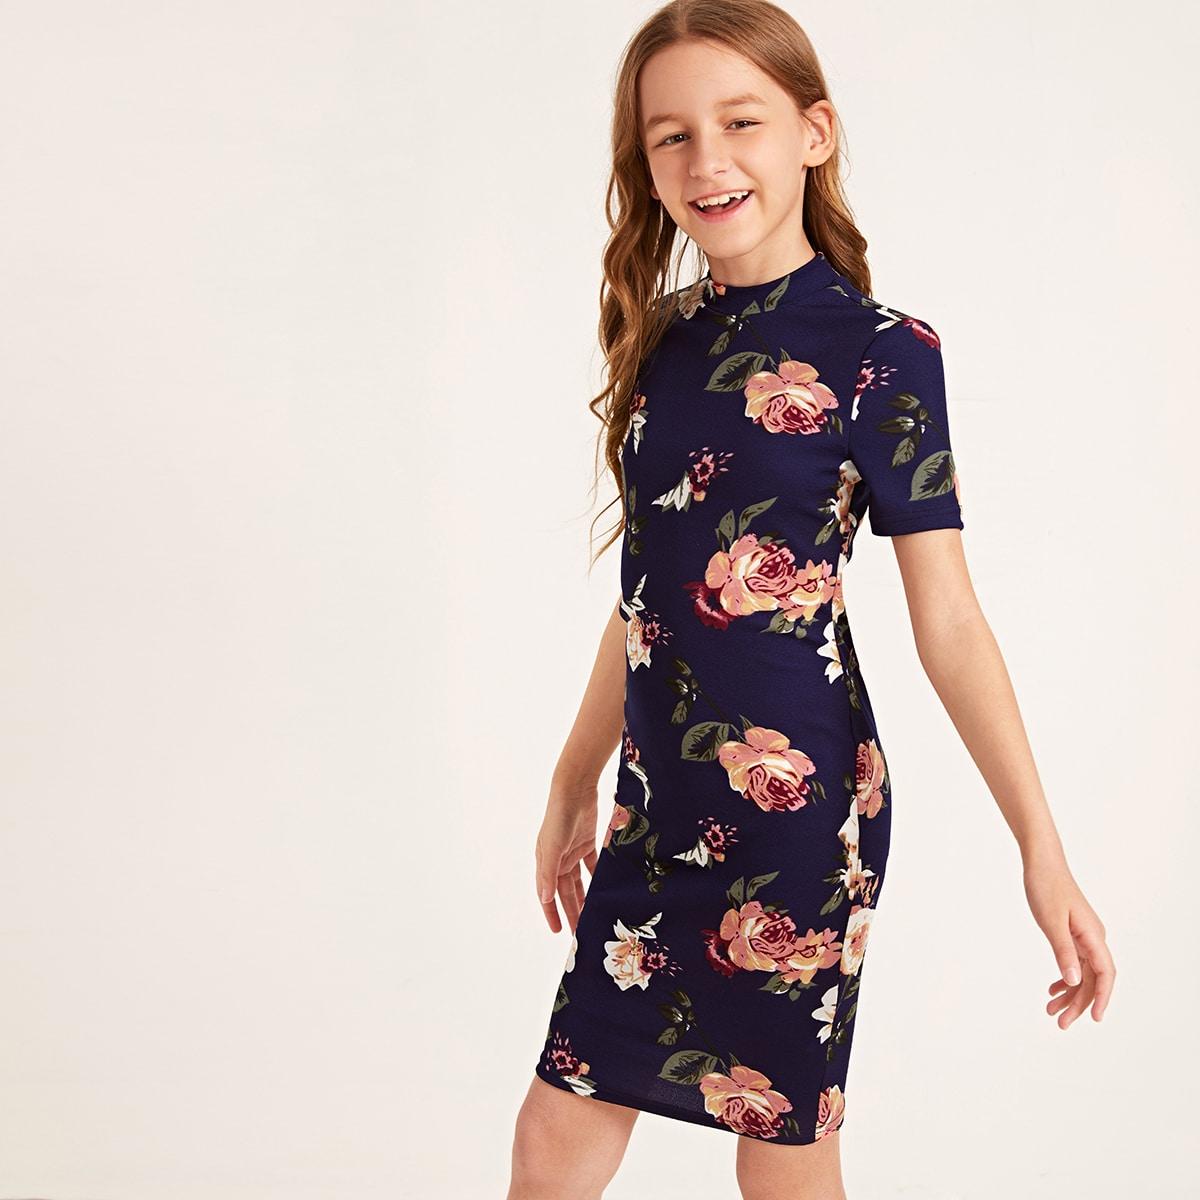 Платье с цветочным принтом и воротником-стойкой для девочек от SHEIN